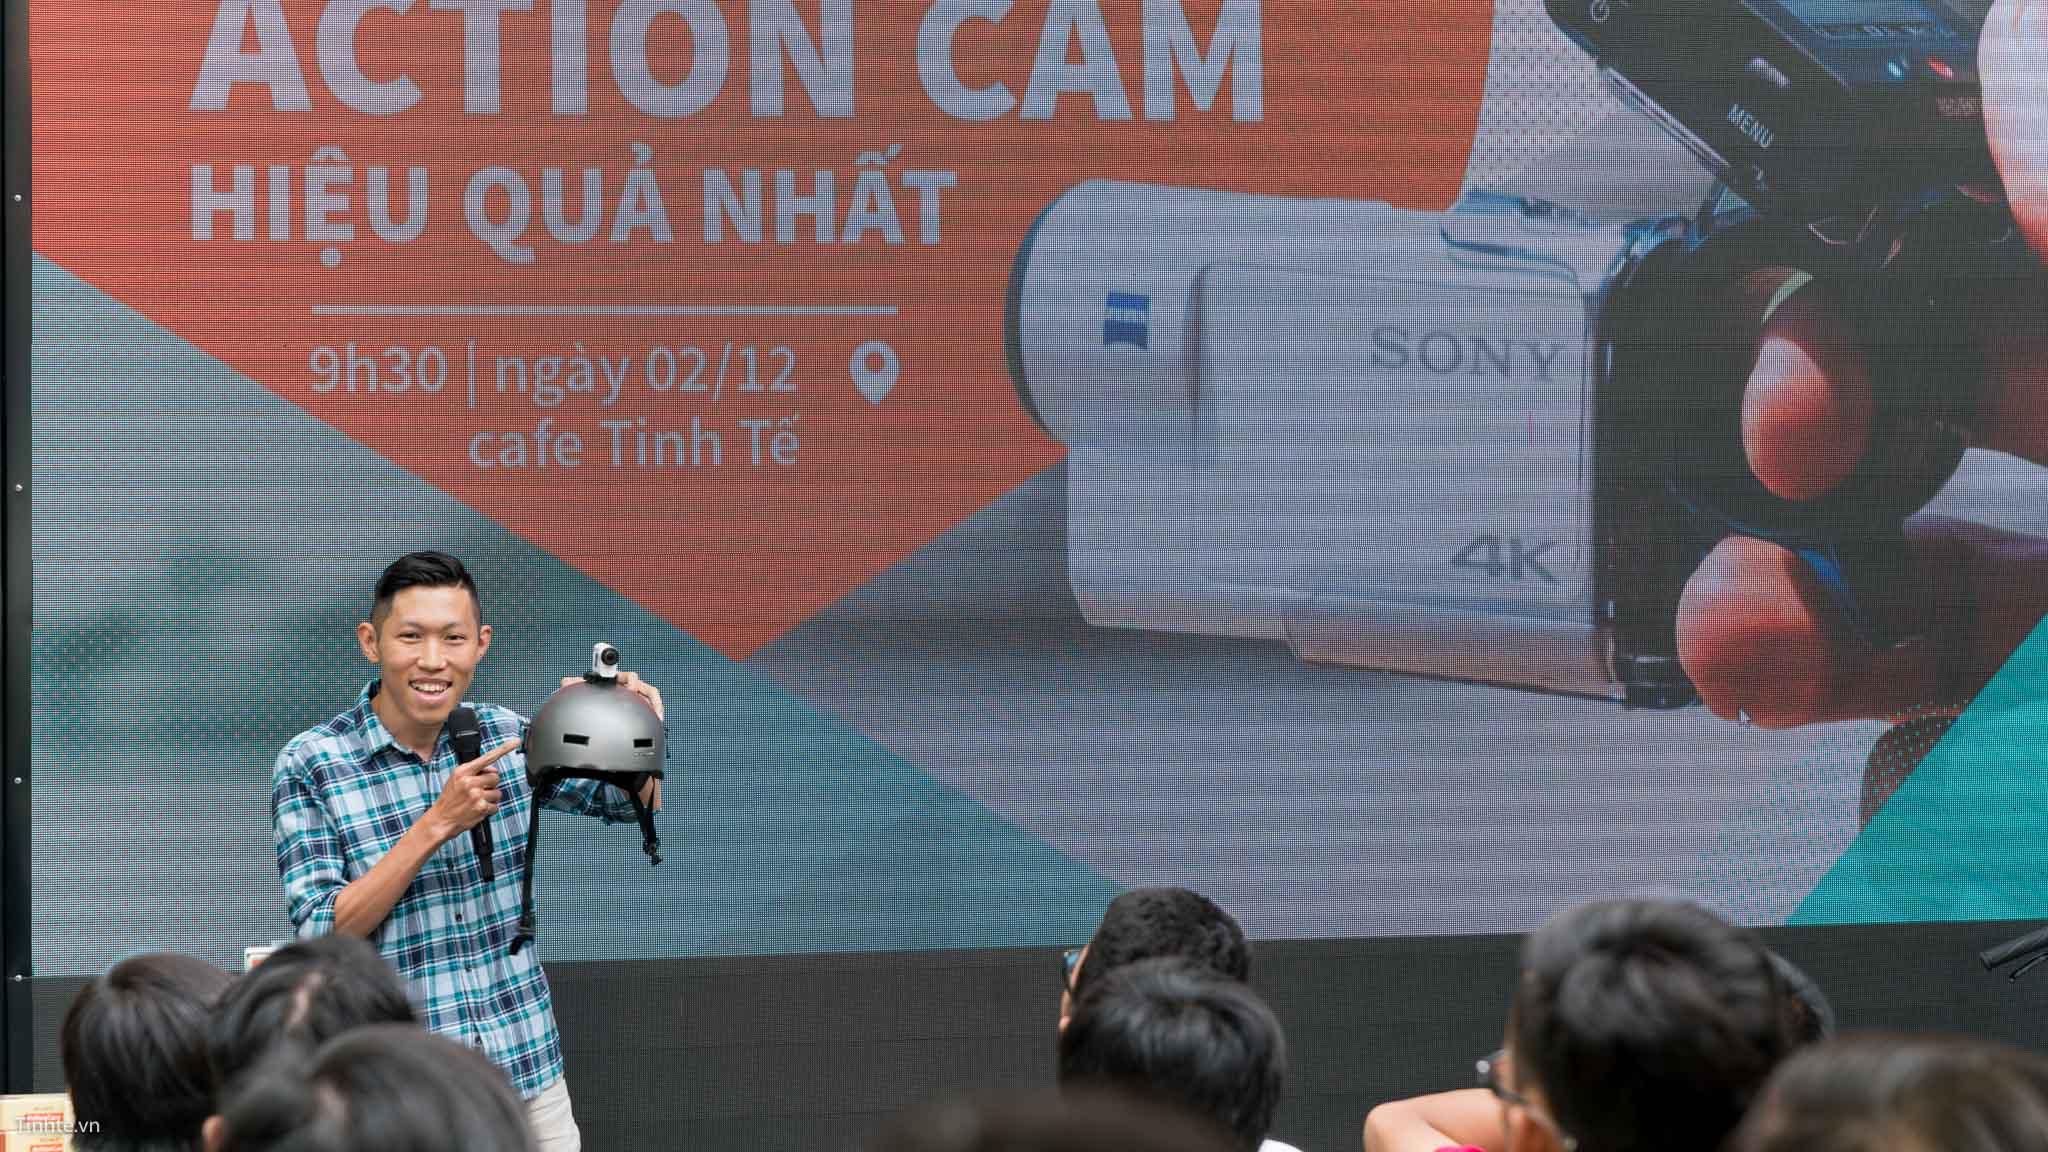 offline-sony-action-cam-tinhte-9.jpg